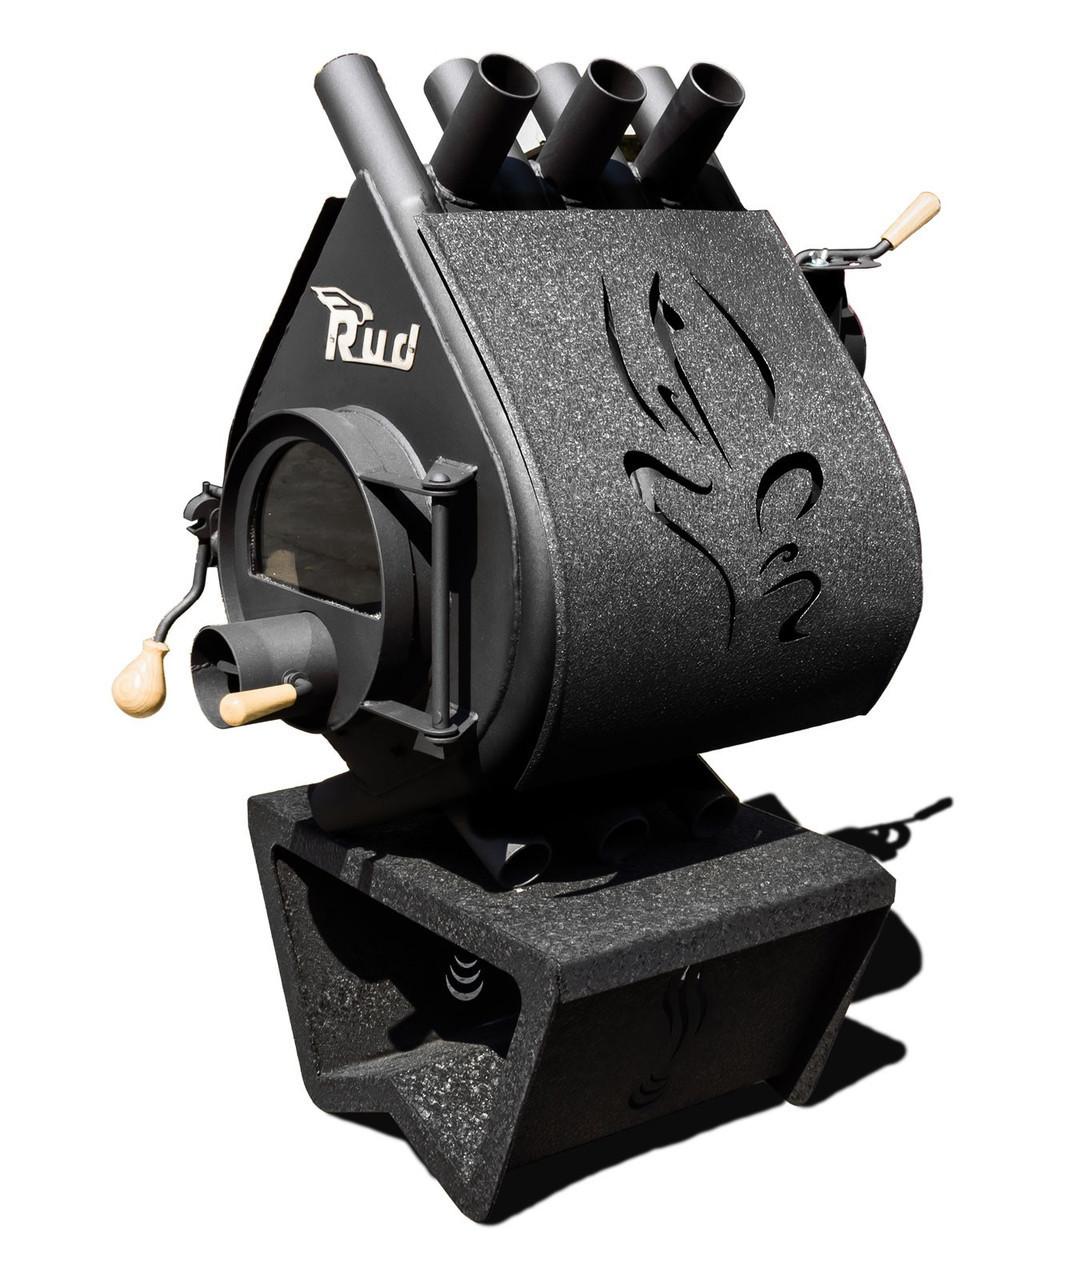 Булерьян, отопительная печь Rud Pyrotron Кантри 01 С обшивкой декоративной (коричневая)